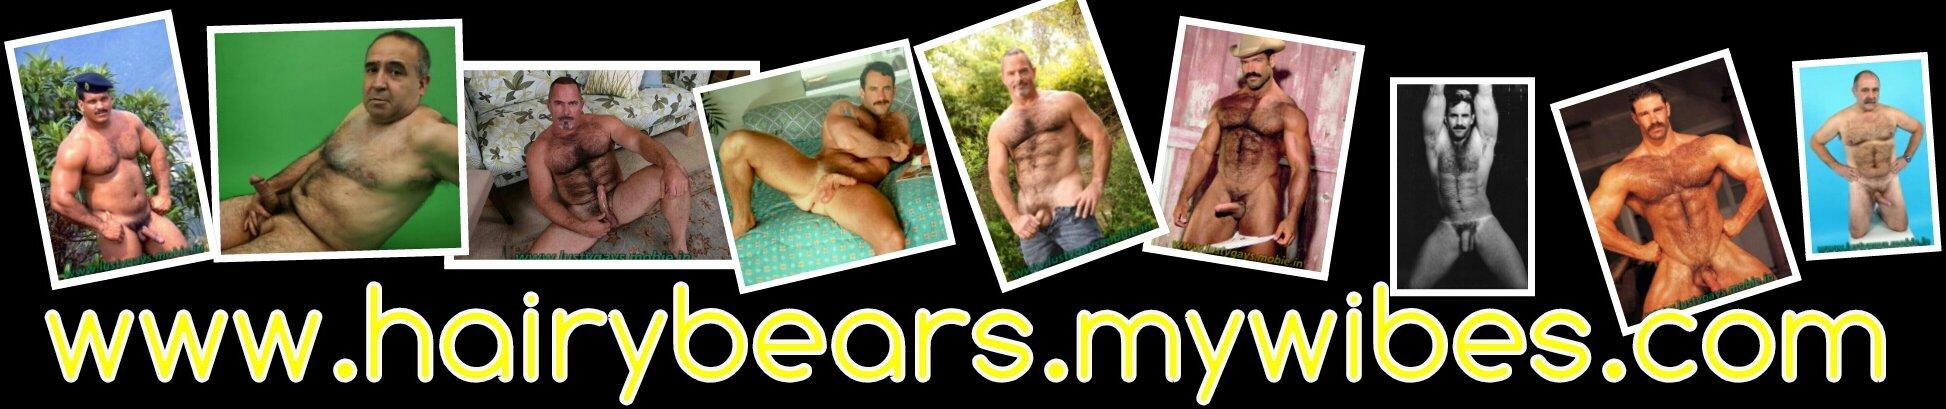 www.hairybears.mywibes.com